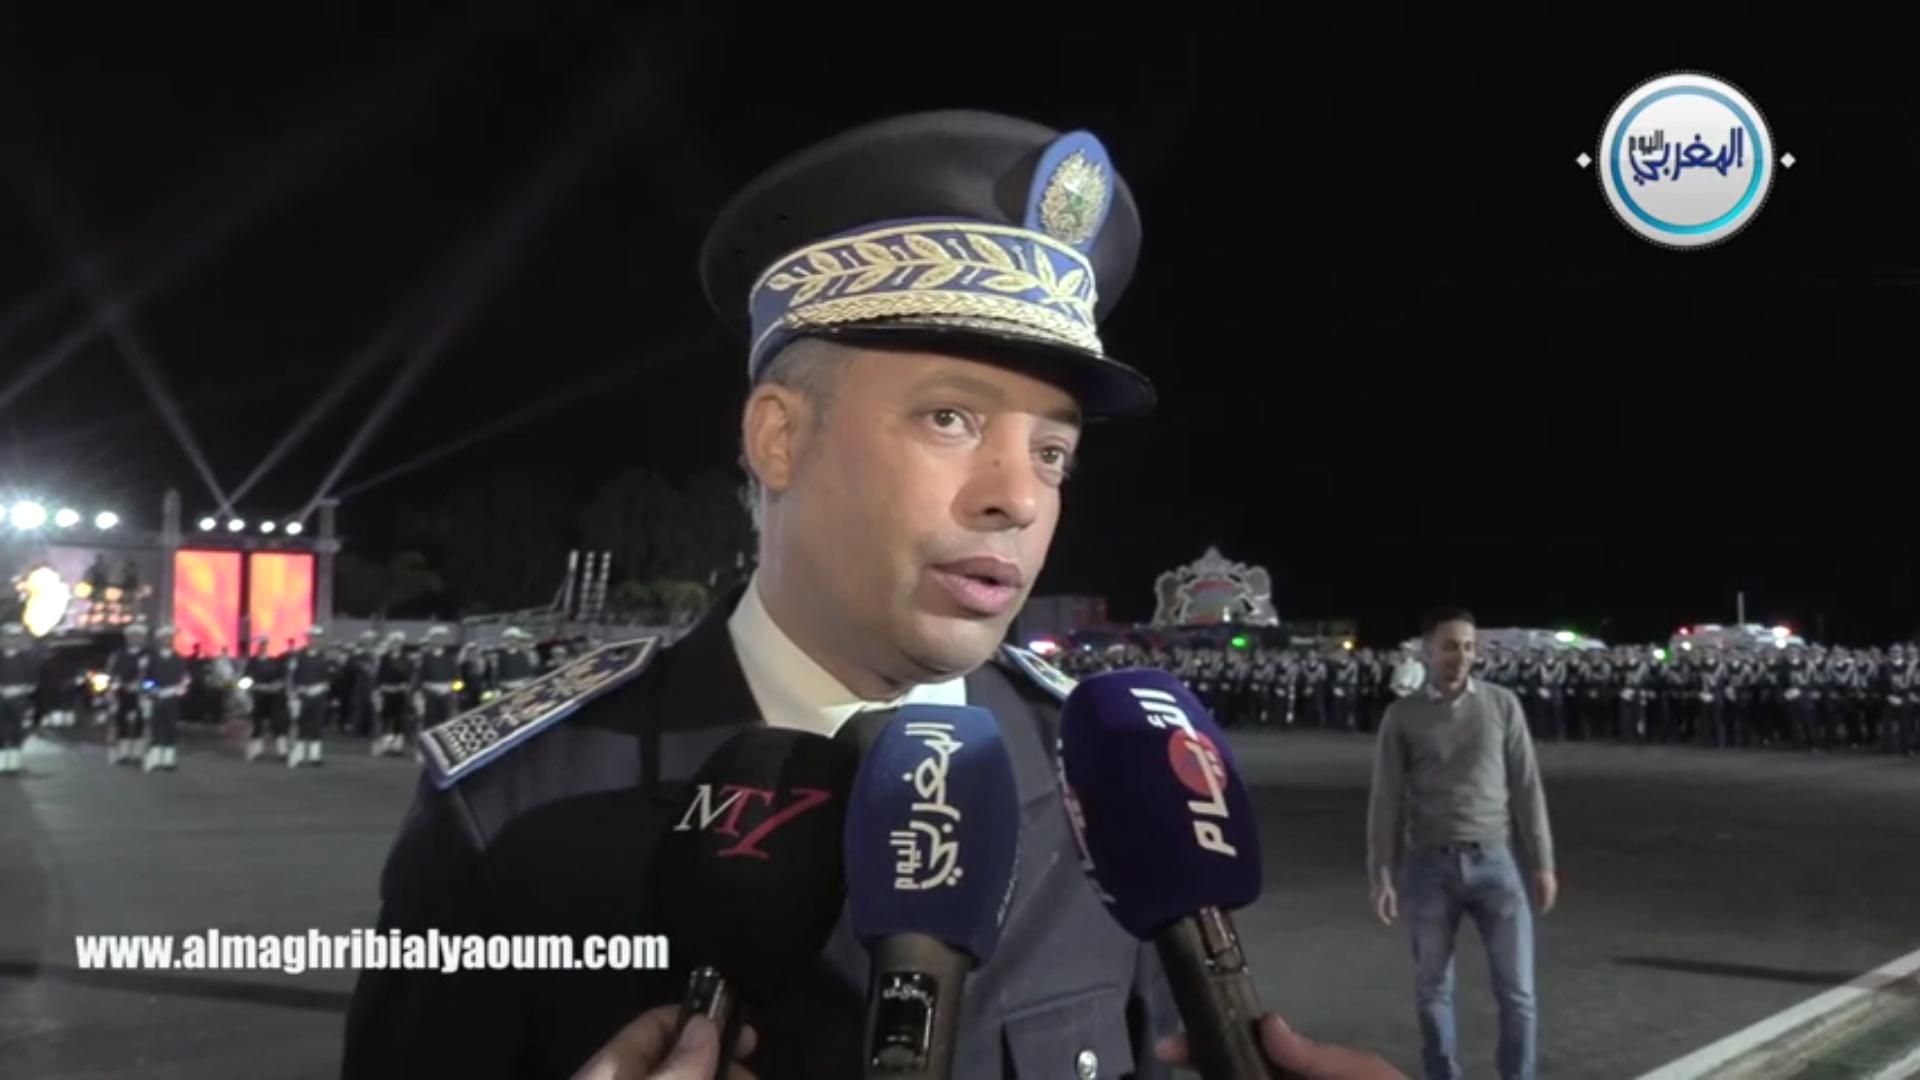 عيد ميلاد الشرطة